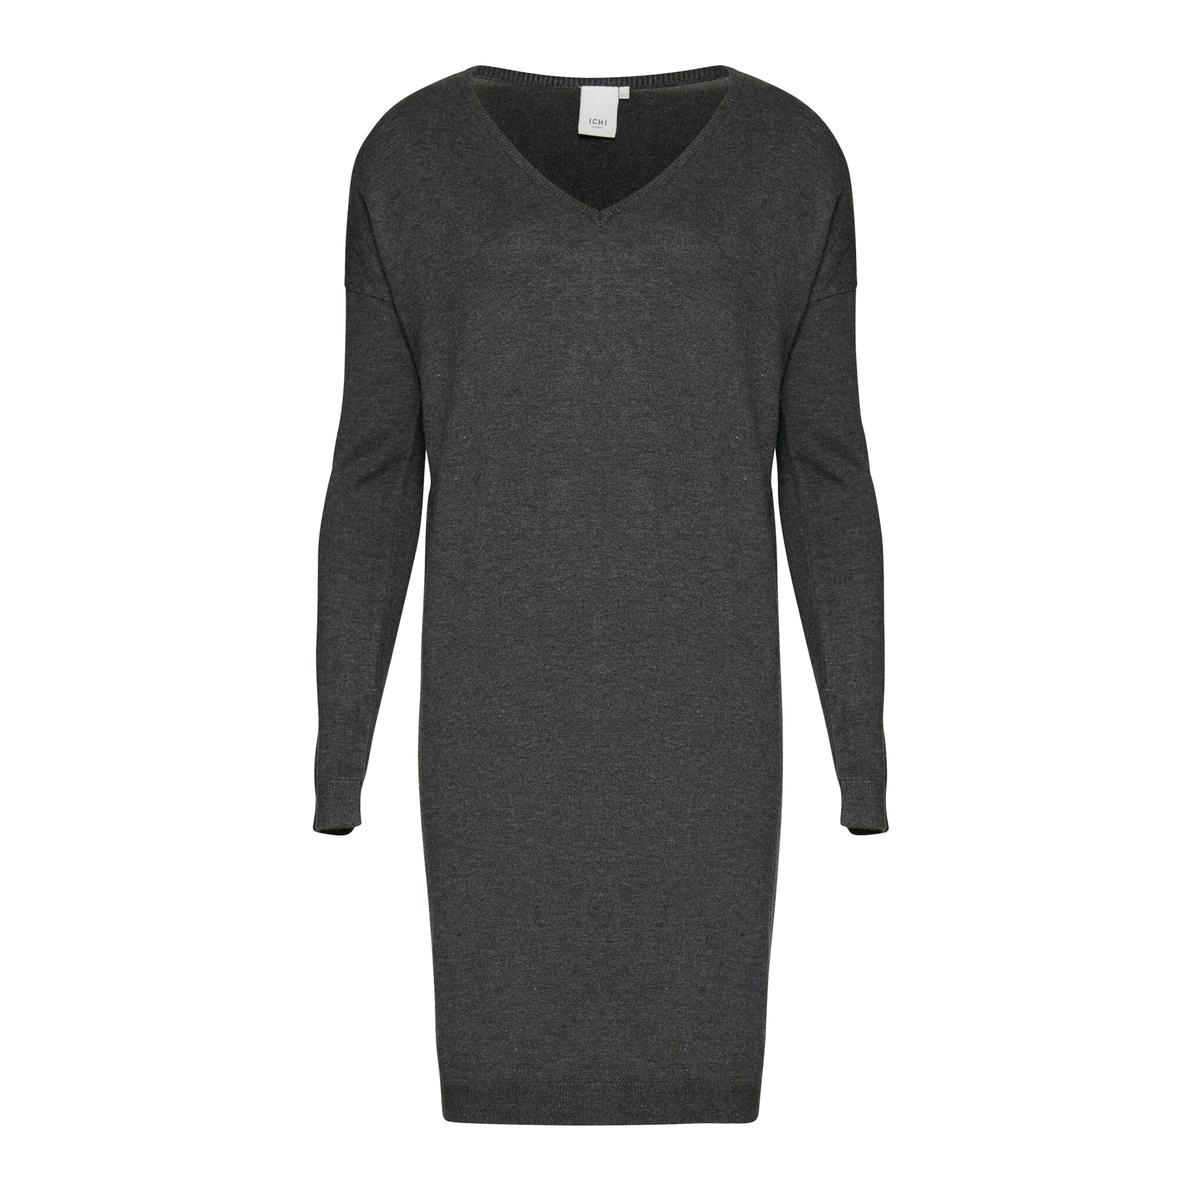 Платье из тонкого трикотажа с V-образным вырезом MAFA DR 5Состав и описаниеМарка: ICHI.Модель: MAFA DR 5.Материалы: 80% вискозы, 20% нейлона.<br><br>Цвет: темно-серый<br>Размер: XS/S